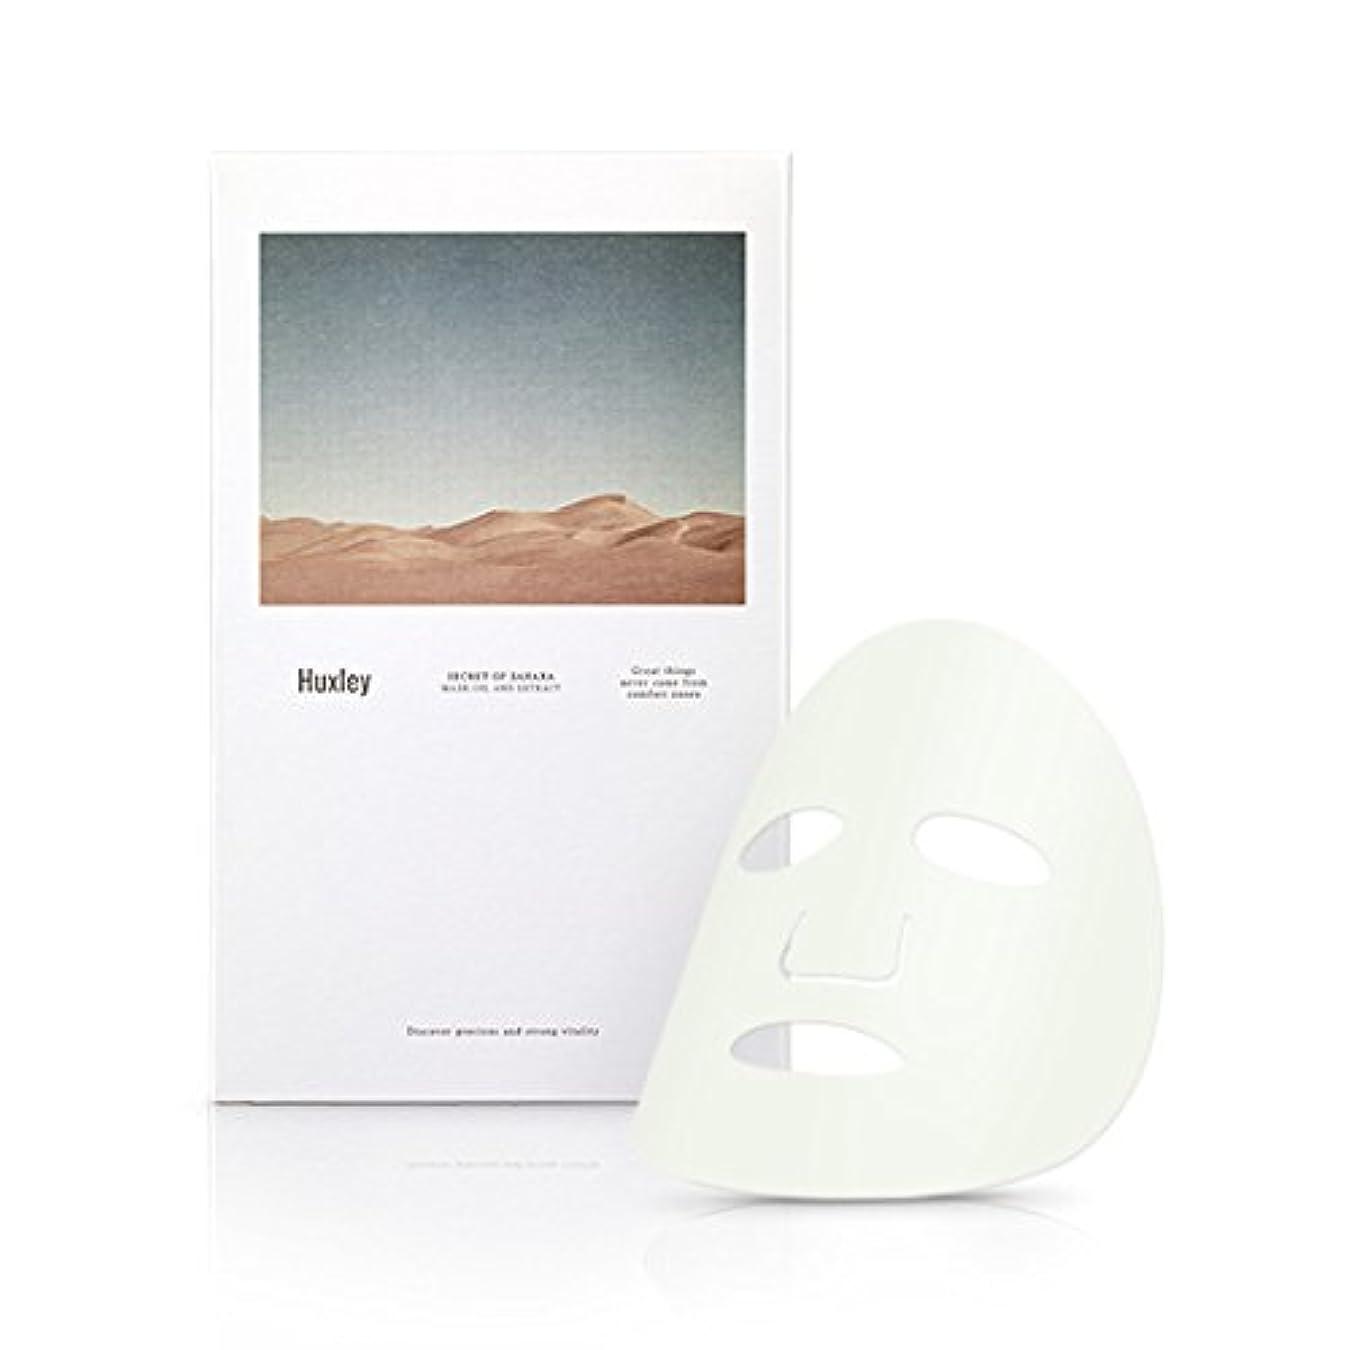 襟破壊的なうそつきHuxley Mask;Oil And Extract 25ml × 3ea/ハクスリー マスク;オイル アンド エクストラクト 25ml × 3枚 [並行輸入品]